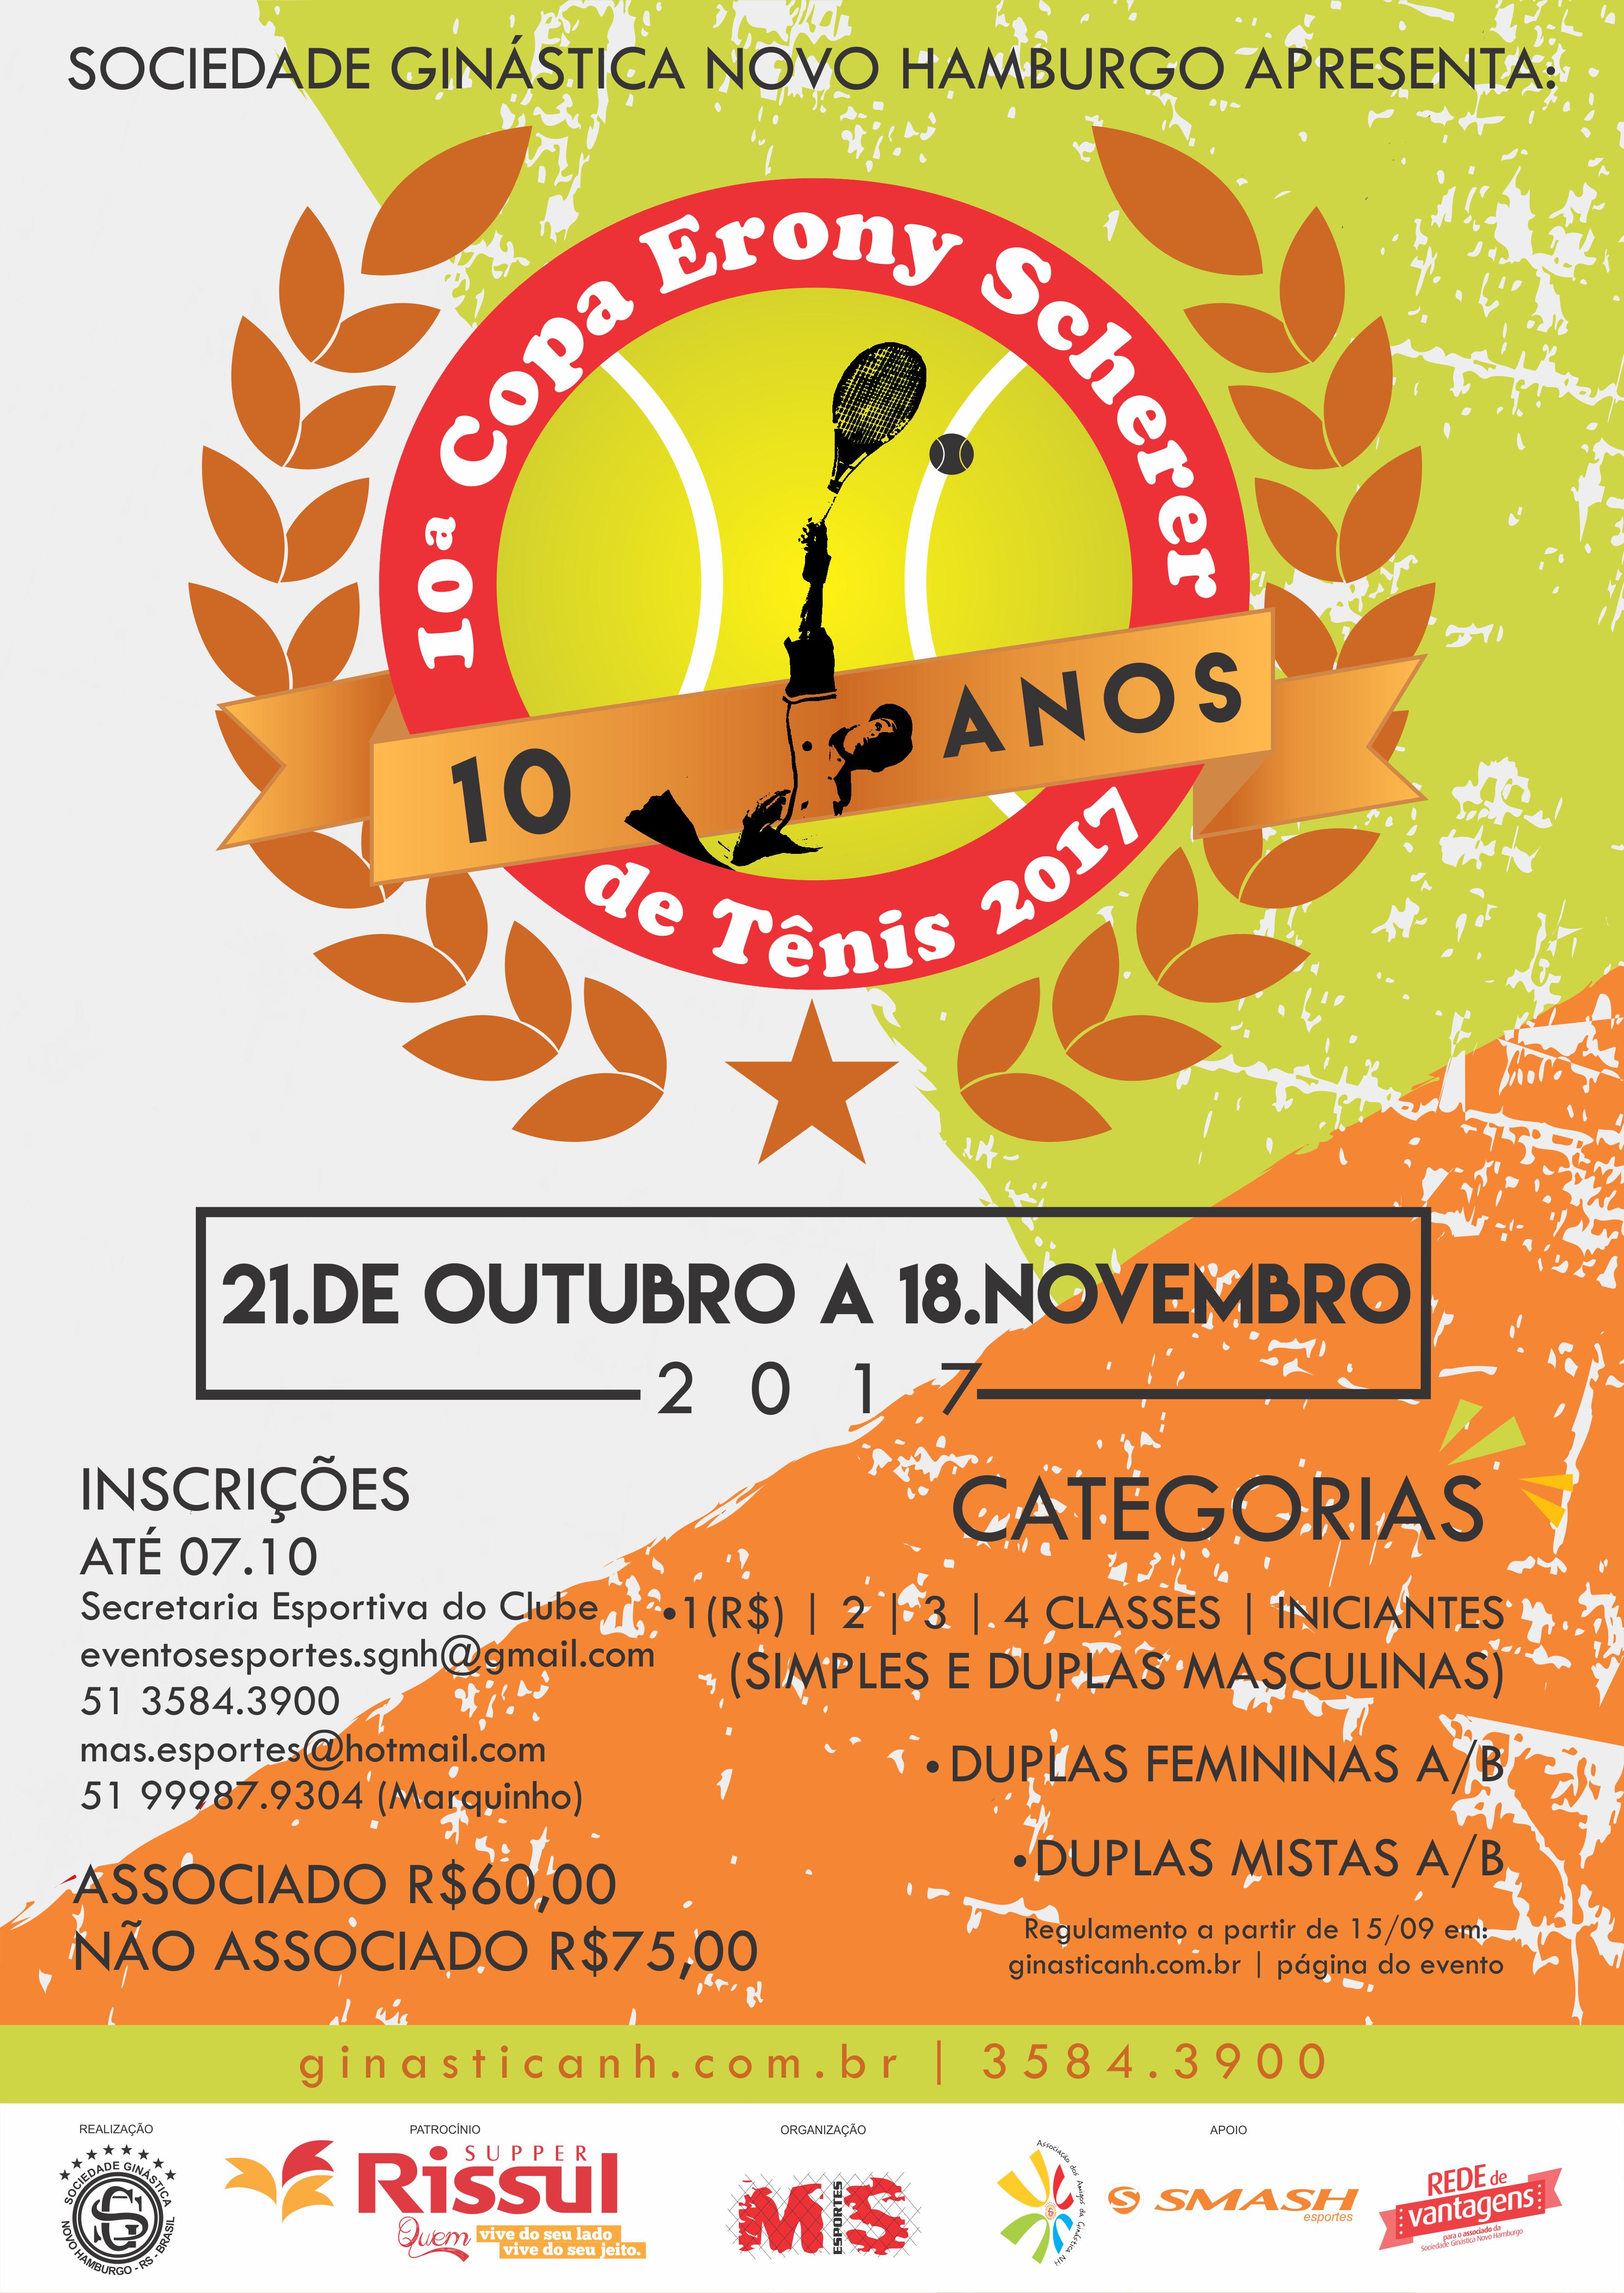 Copa Erony Scherer de Tênis chega a sua 10ª edição